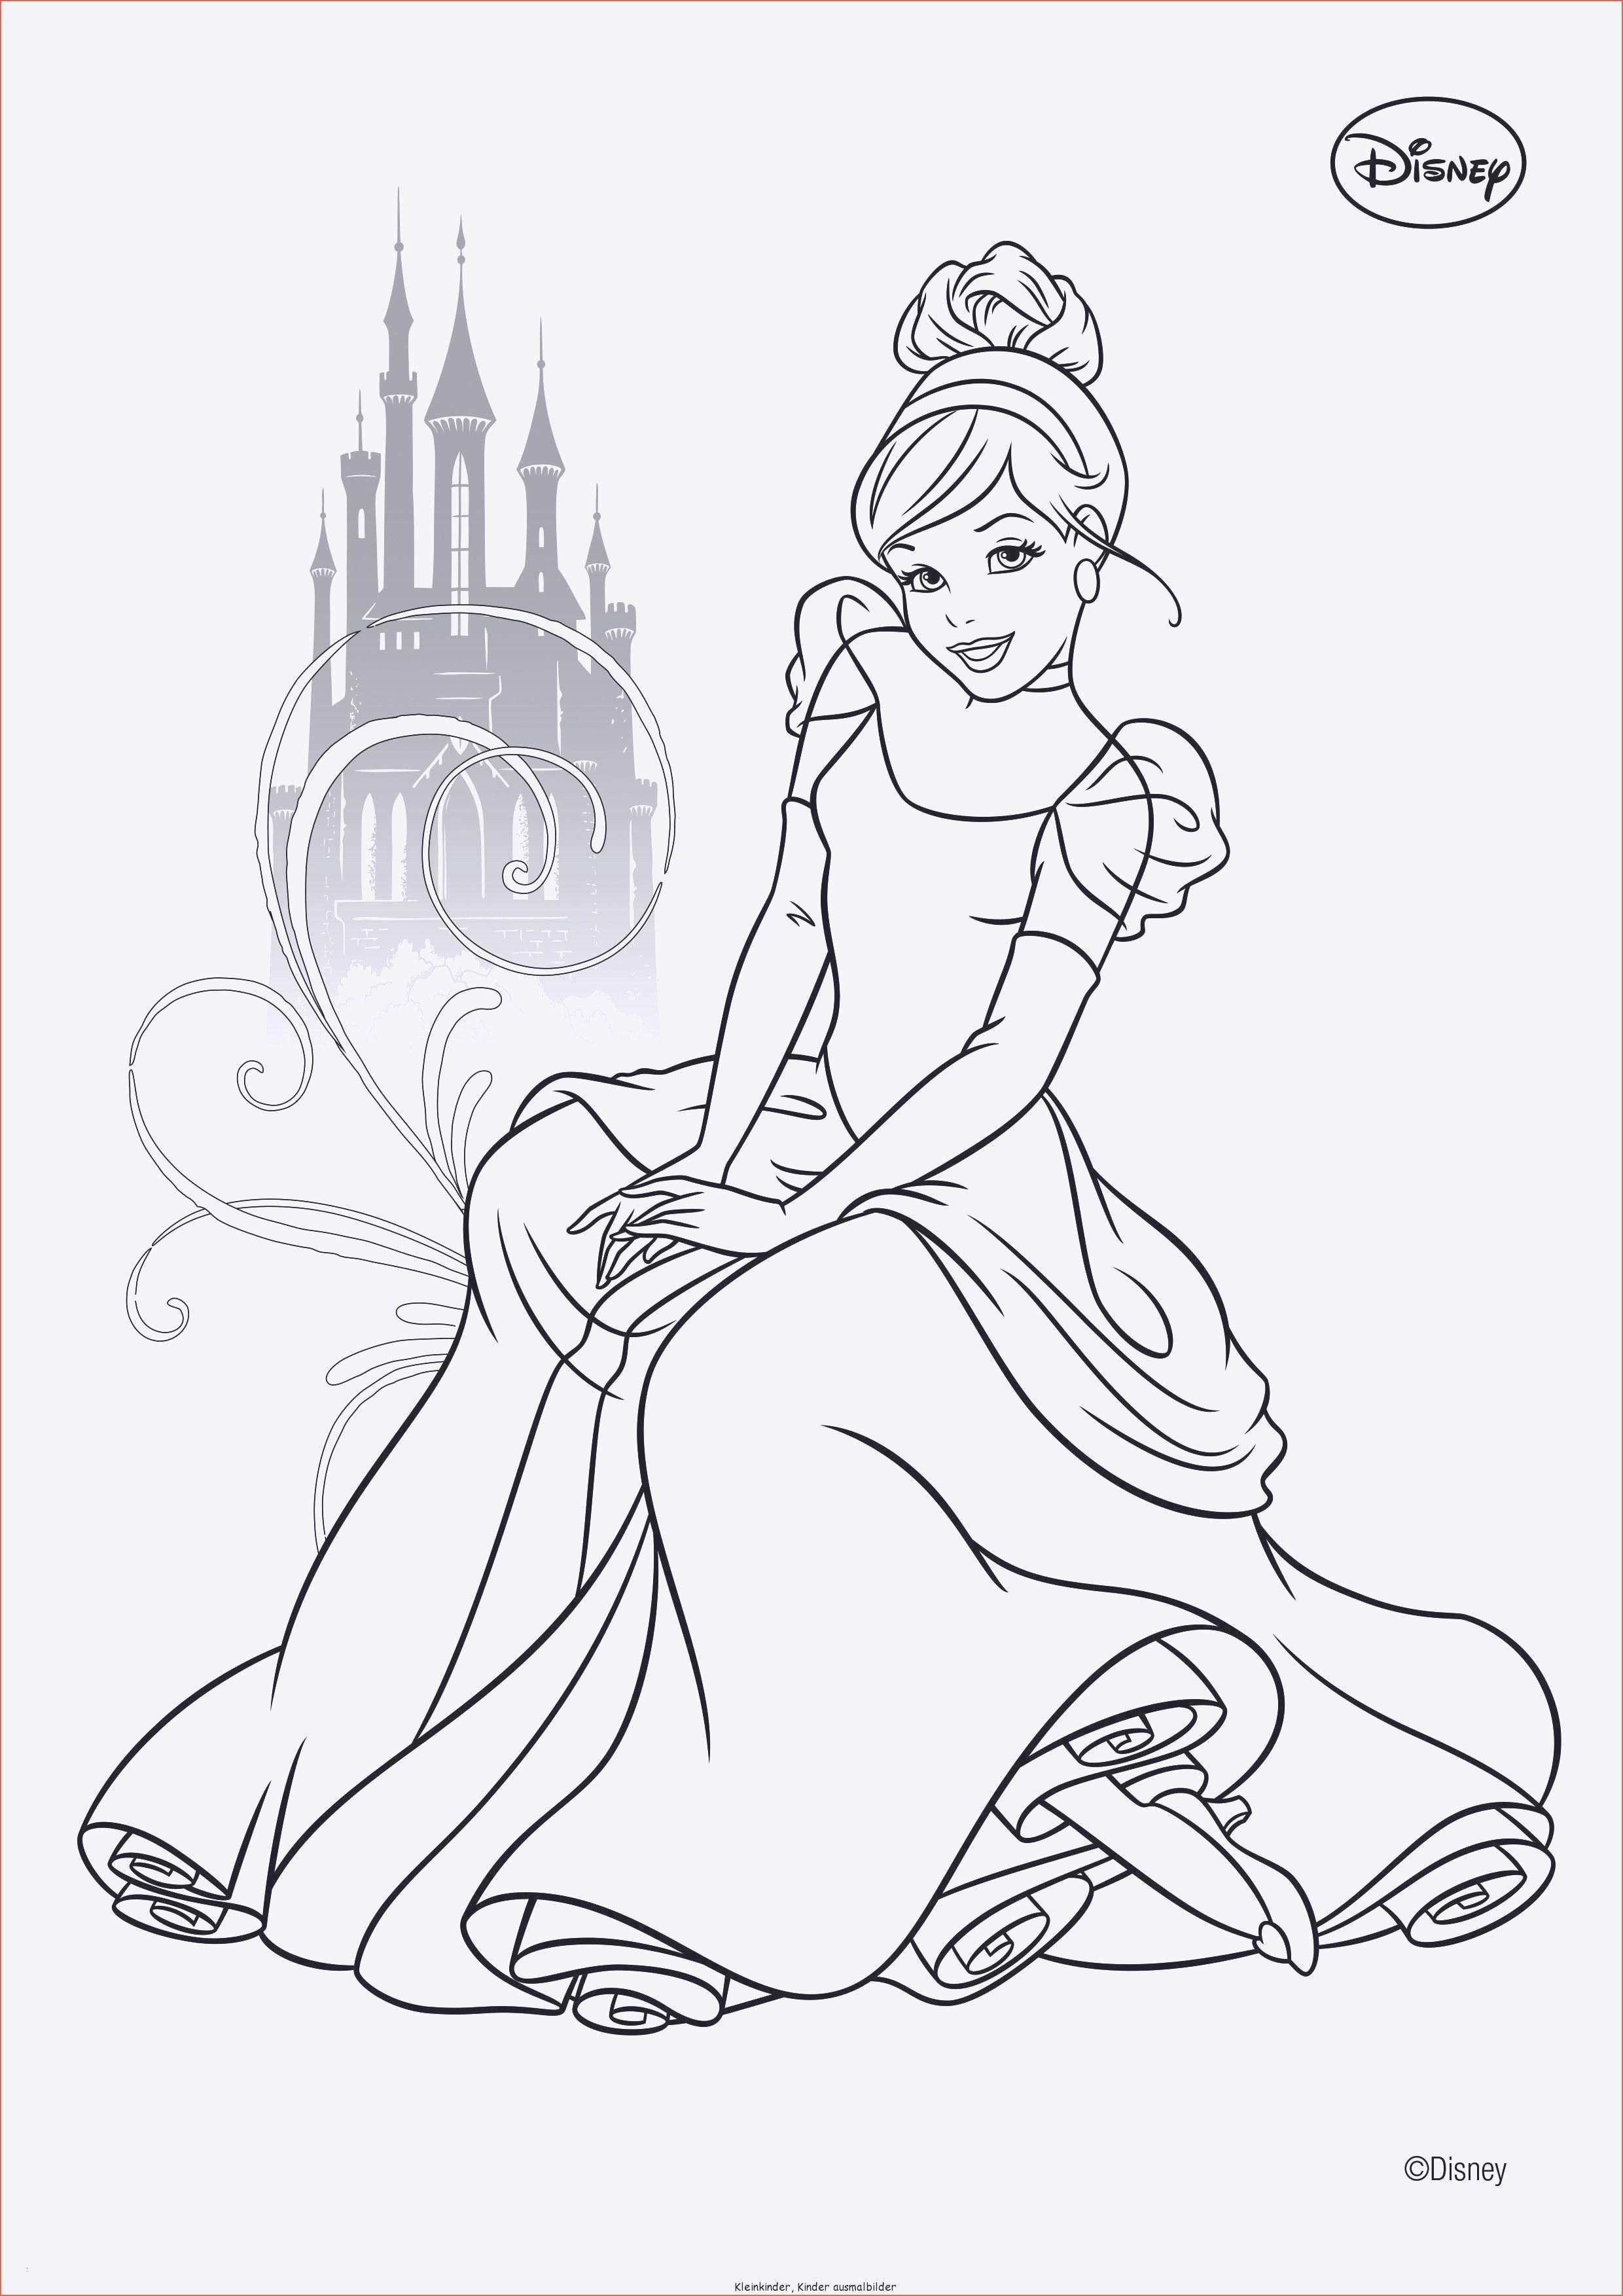 Elsa Bilder Zum Ausdrucken Inspirierend Bayern Ausmalbilder Frisch Igel Grundschule 0d Archives Luxus Anna Stock